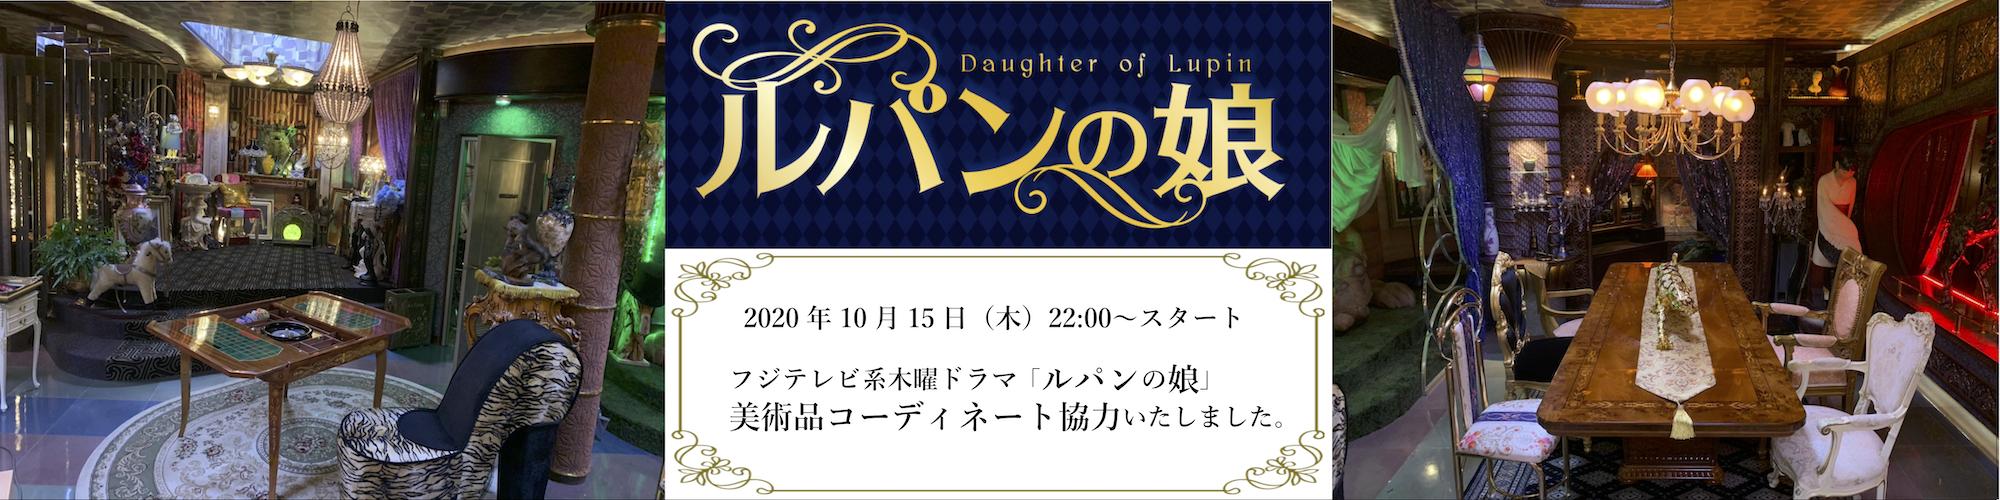 2020年10月15日(木)22:00〜スタート フジテレビ系木曜ドラマ「ルパンの娘」に、美術品コーディネート協力いたしました。